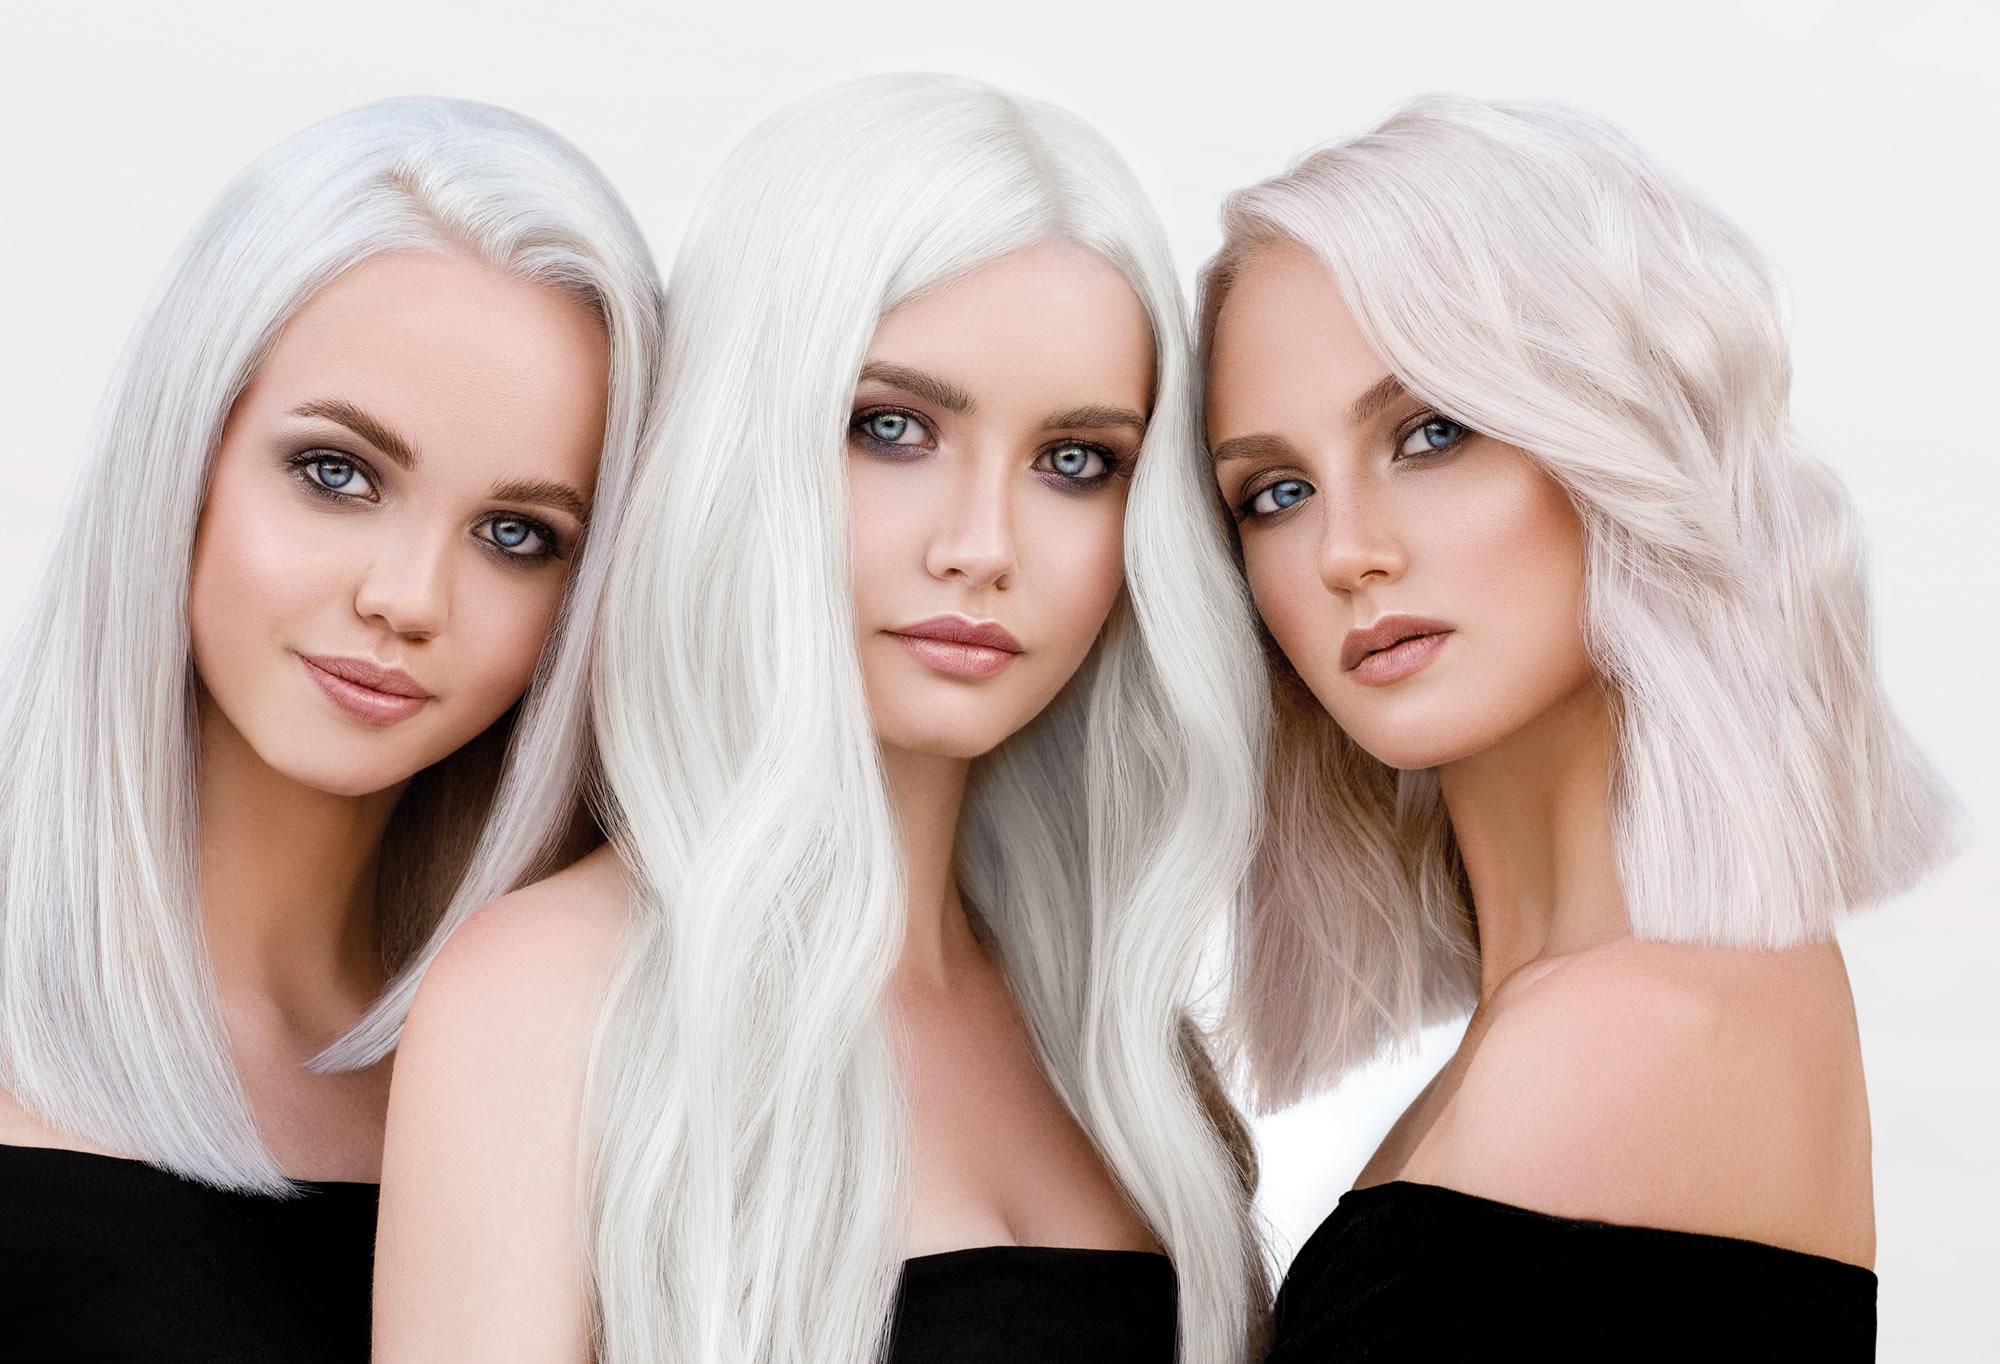 linea blondie 03